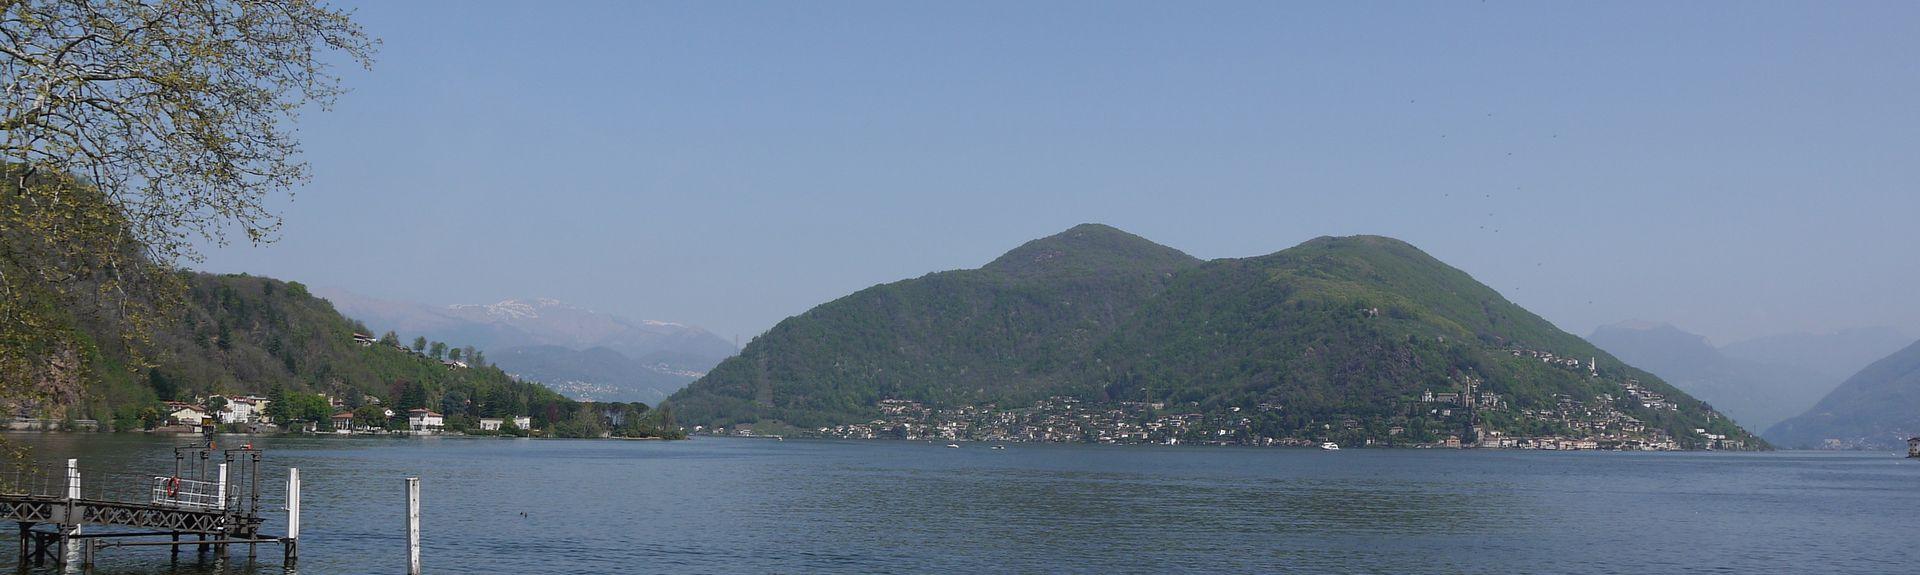 Rodero, Como, Lombardy, Italy